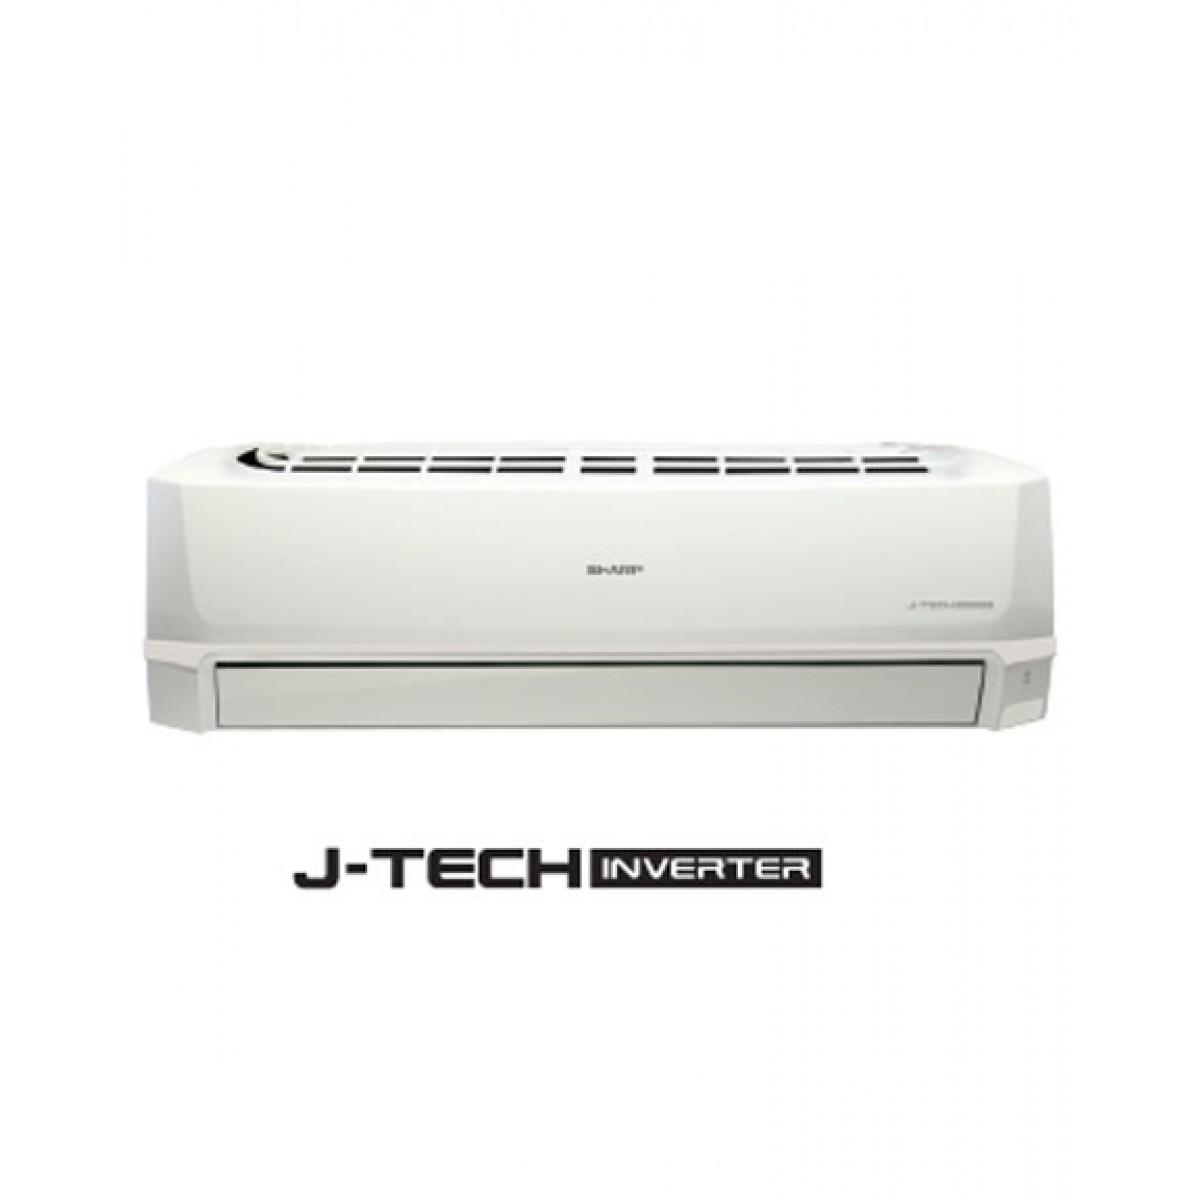 Sharp J-Tech Inverter Split Air Conditioner 2 0 Ton (AH-X24SEV)